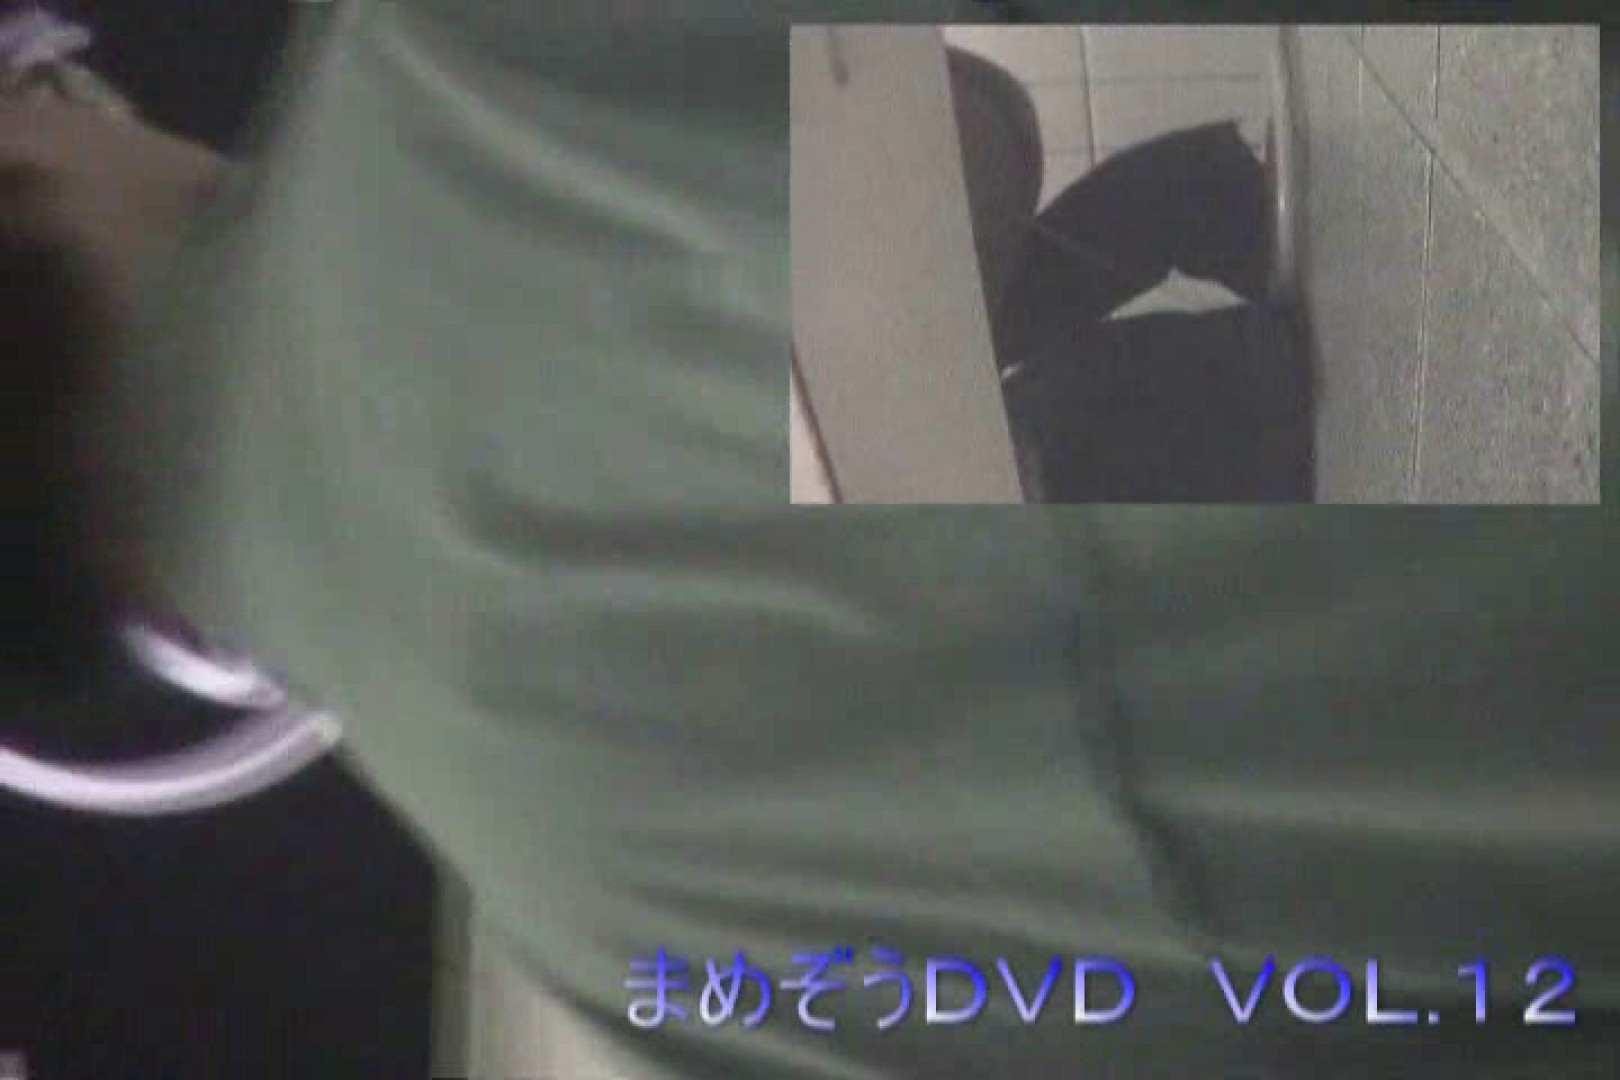 まめぞうDVD完全版VOL.12 OL   ギャル・コレクション  63連発 24